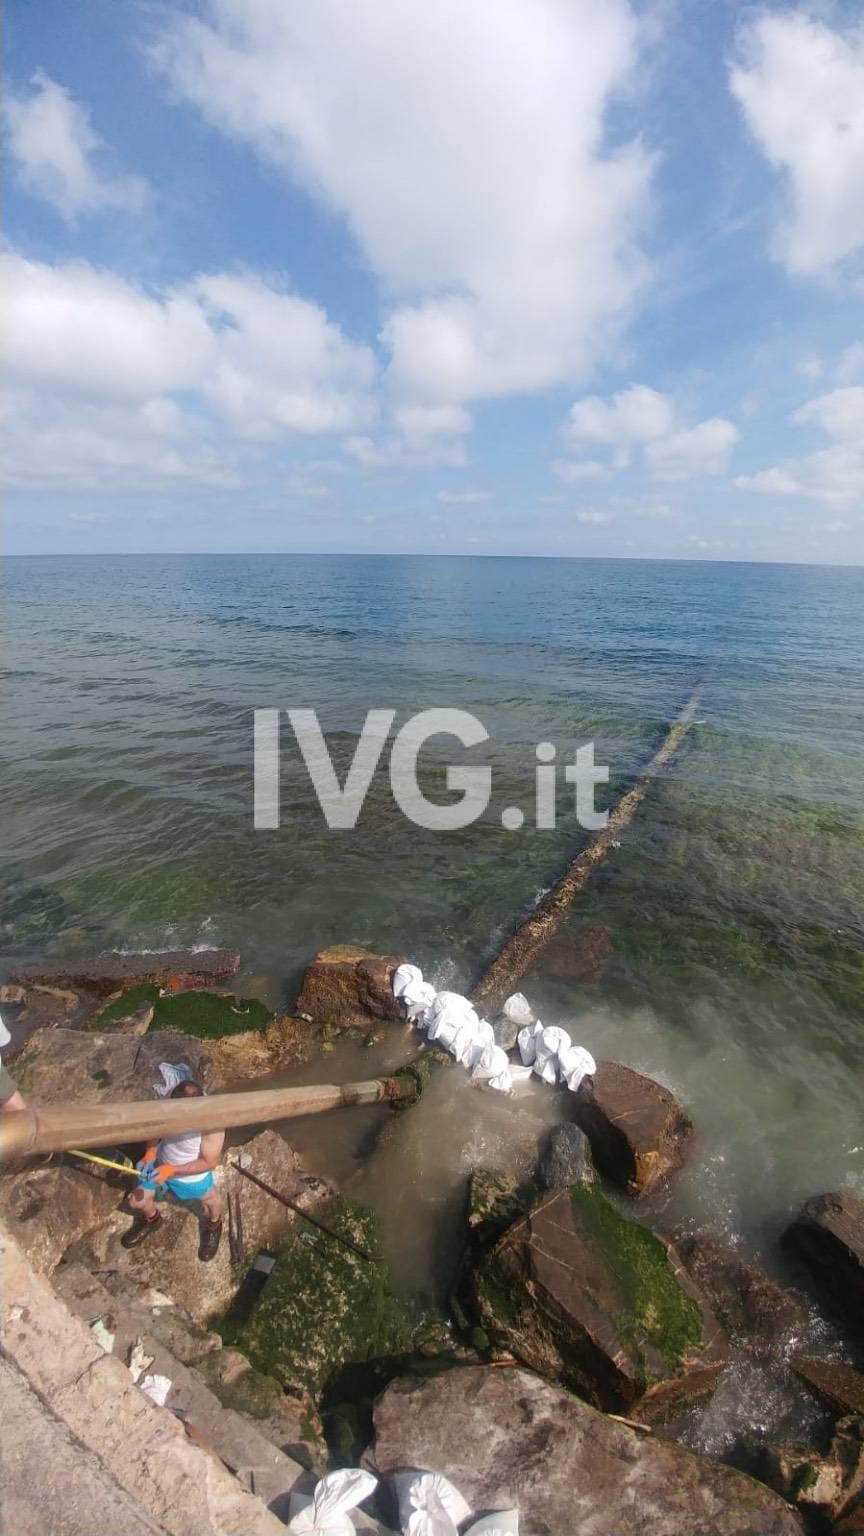 Borgio, lavori in corso per riparare lo scarico a mare danneggiato